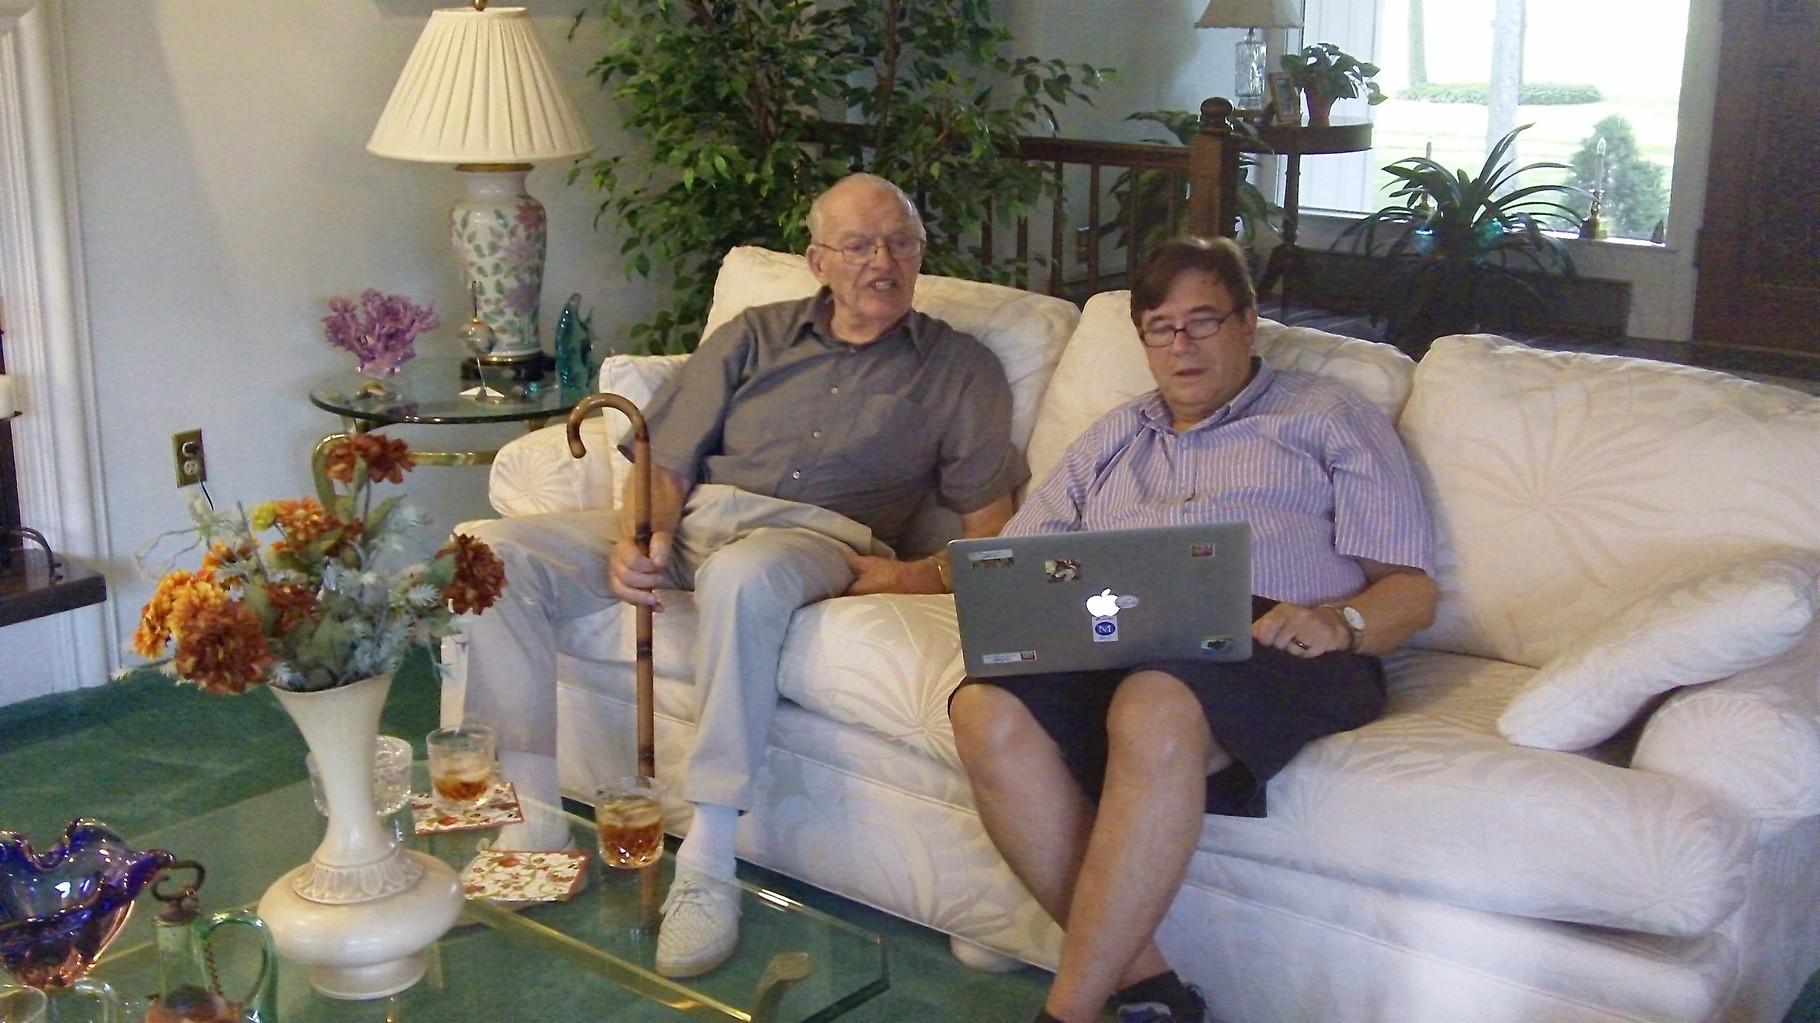 Lou and John